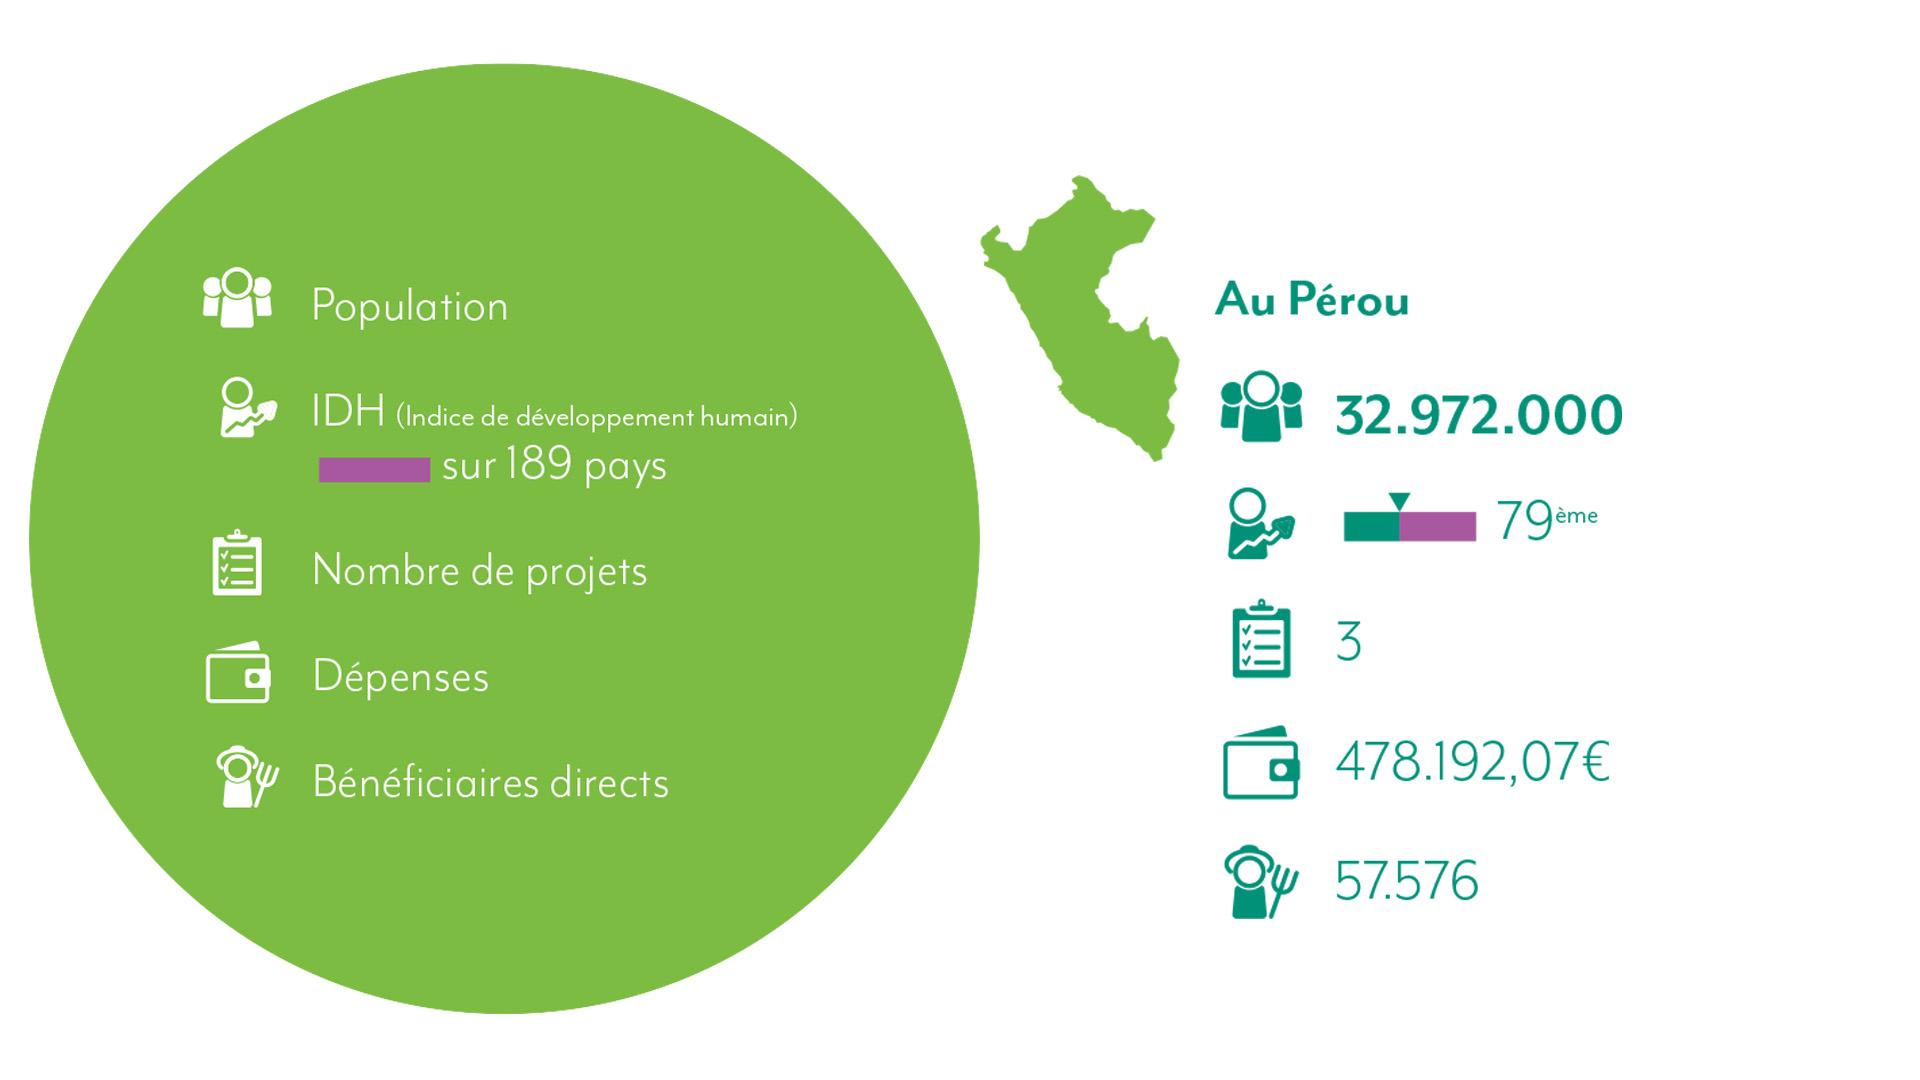 Chiffres Pérou 2021